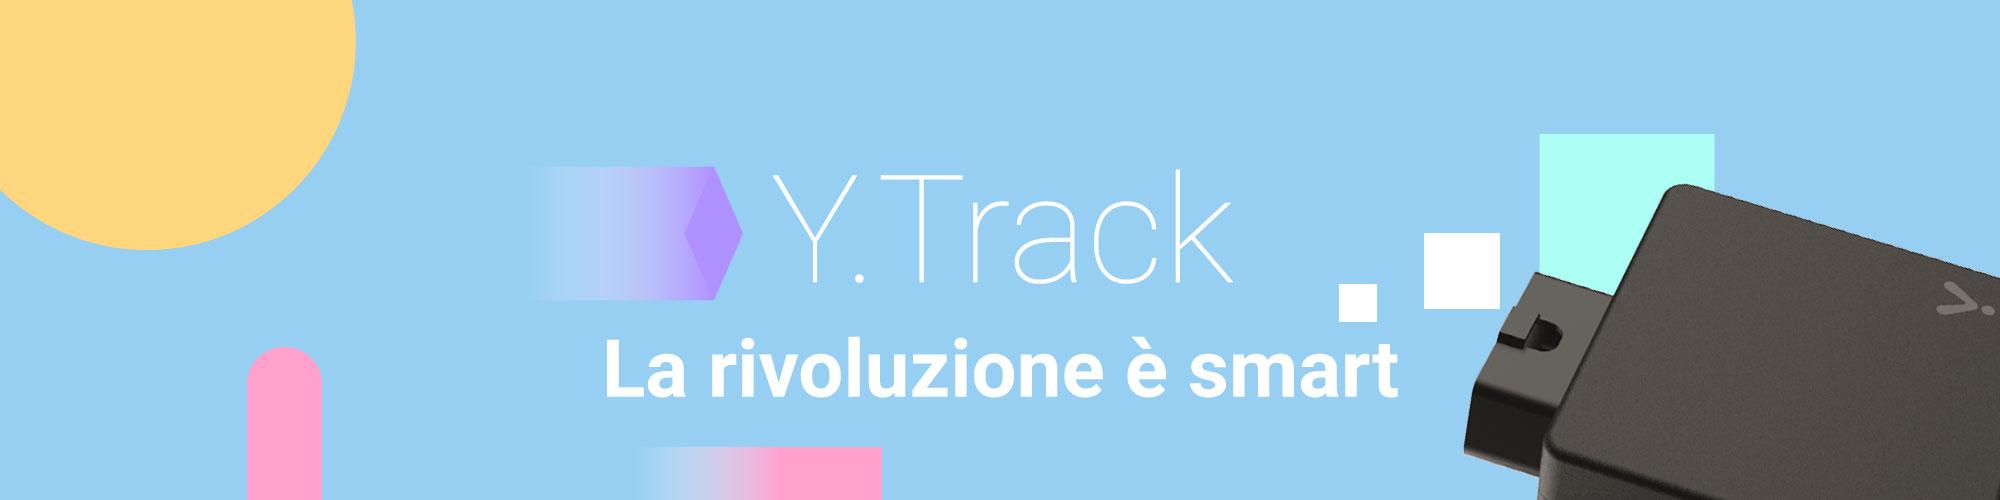 Y.track la rivoluzione è smart